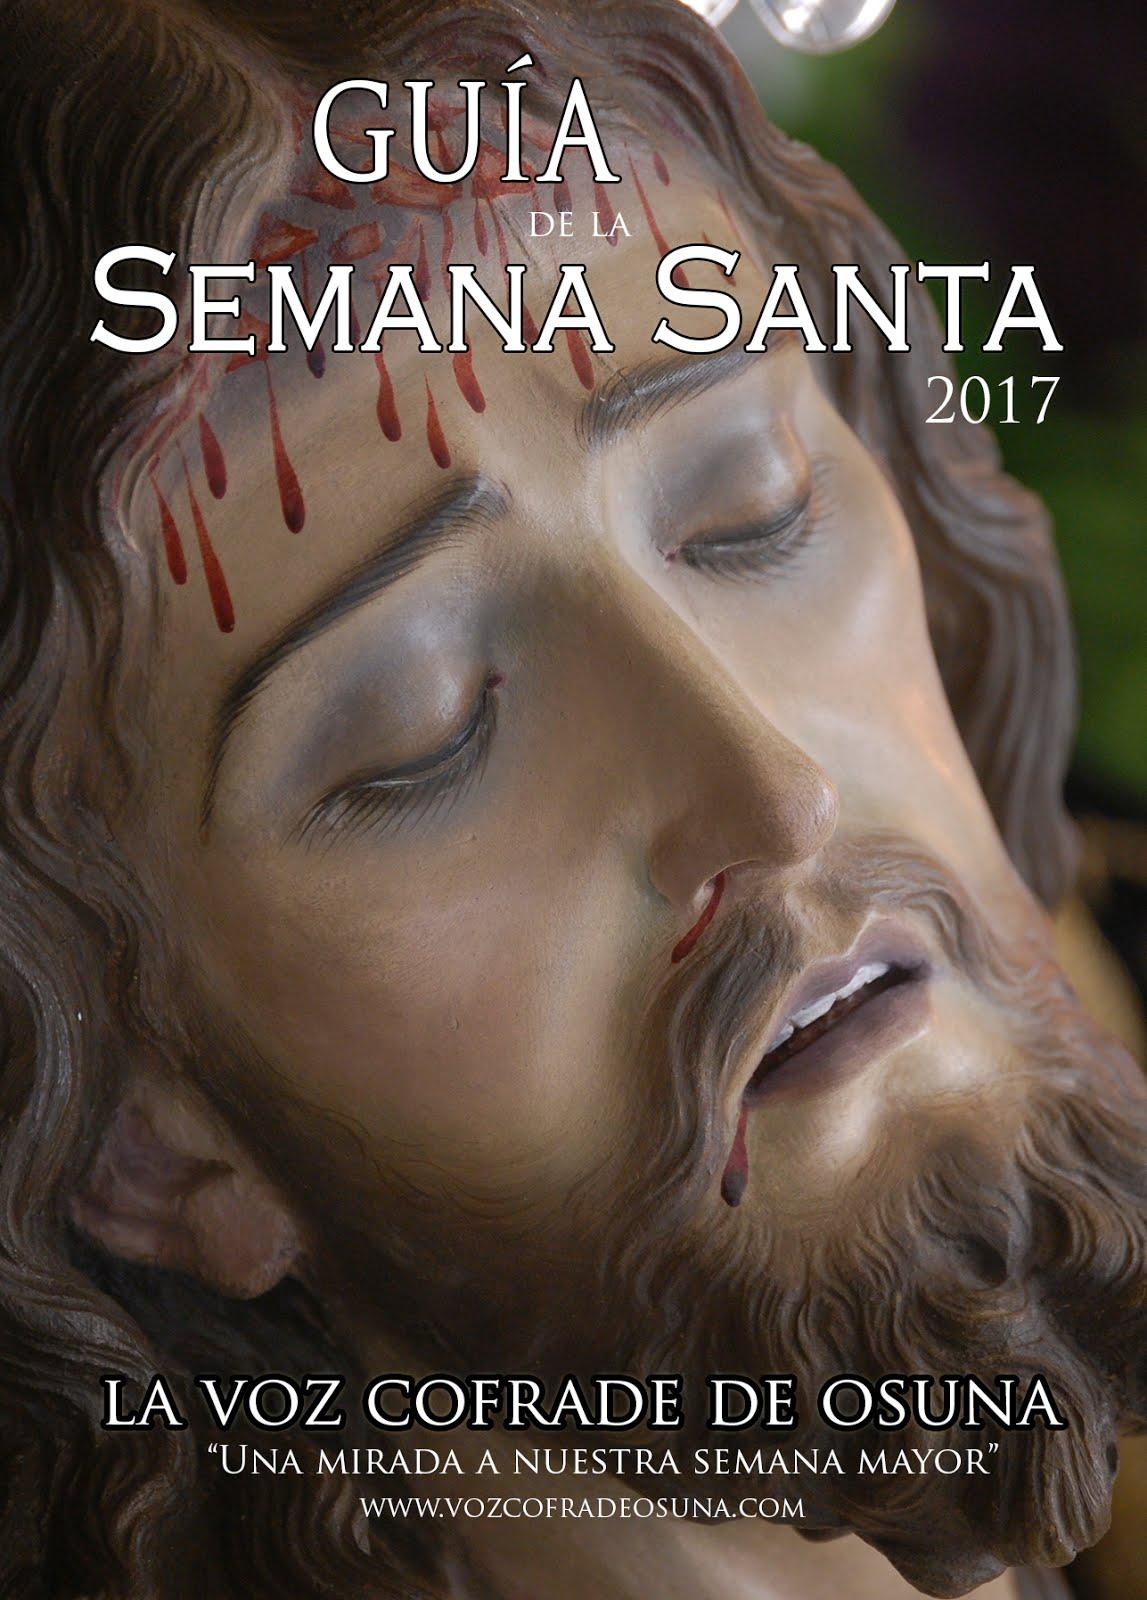 GUÍA DE LA SEMANA SANTA DE OSUNA 2017